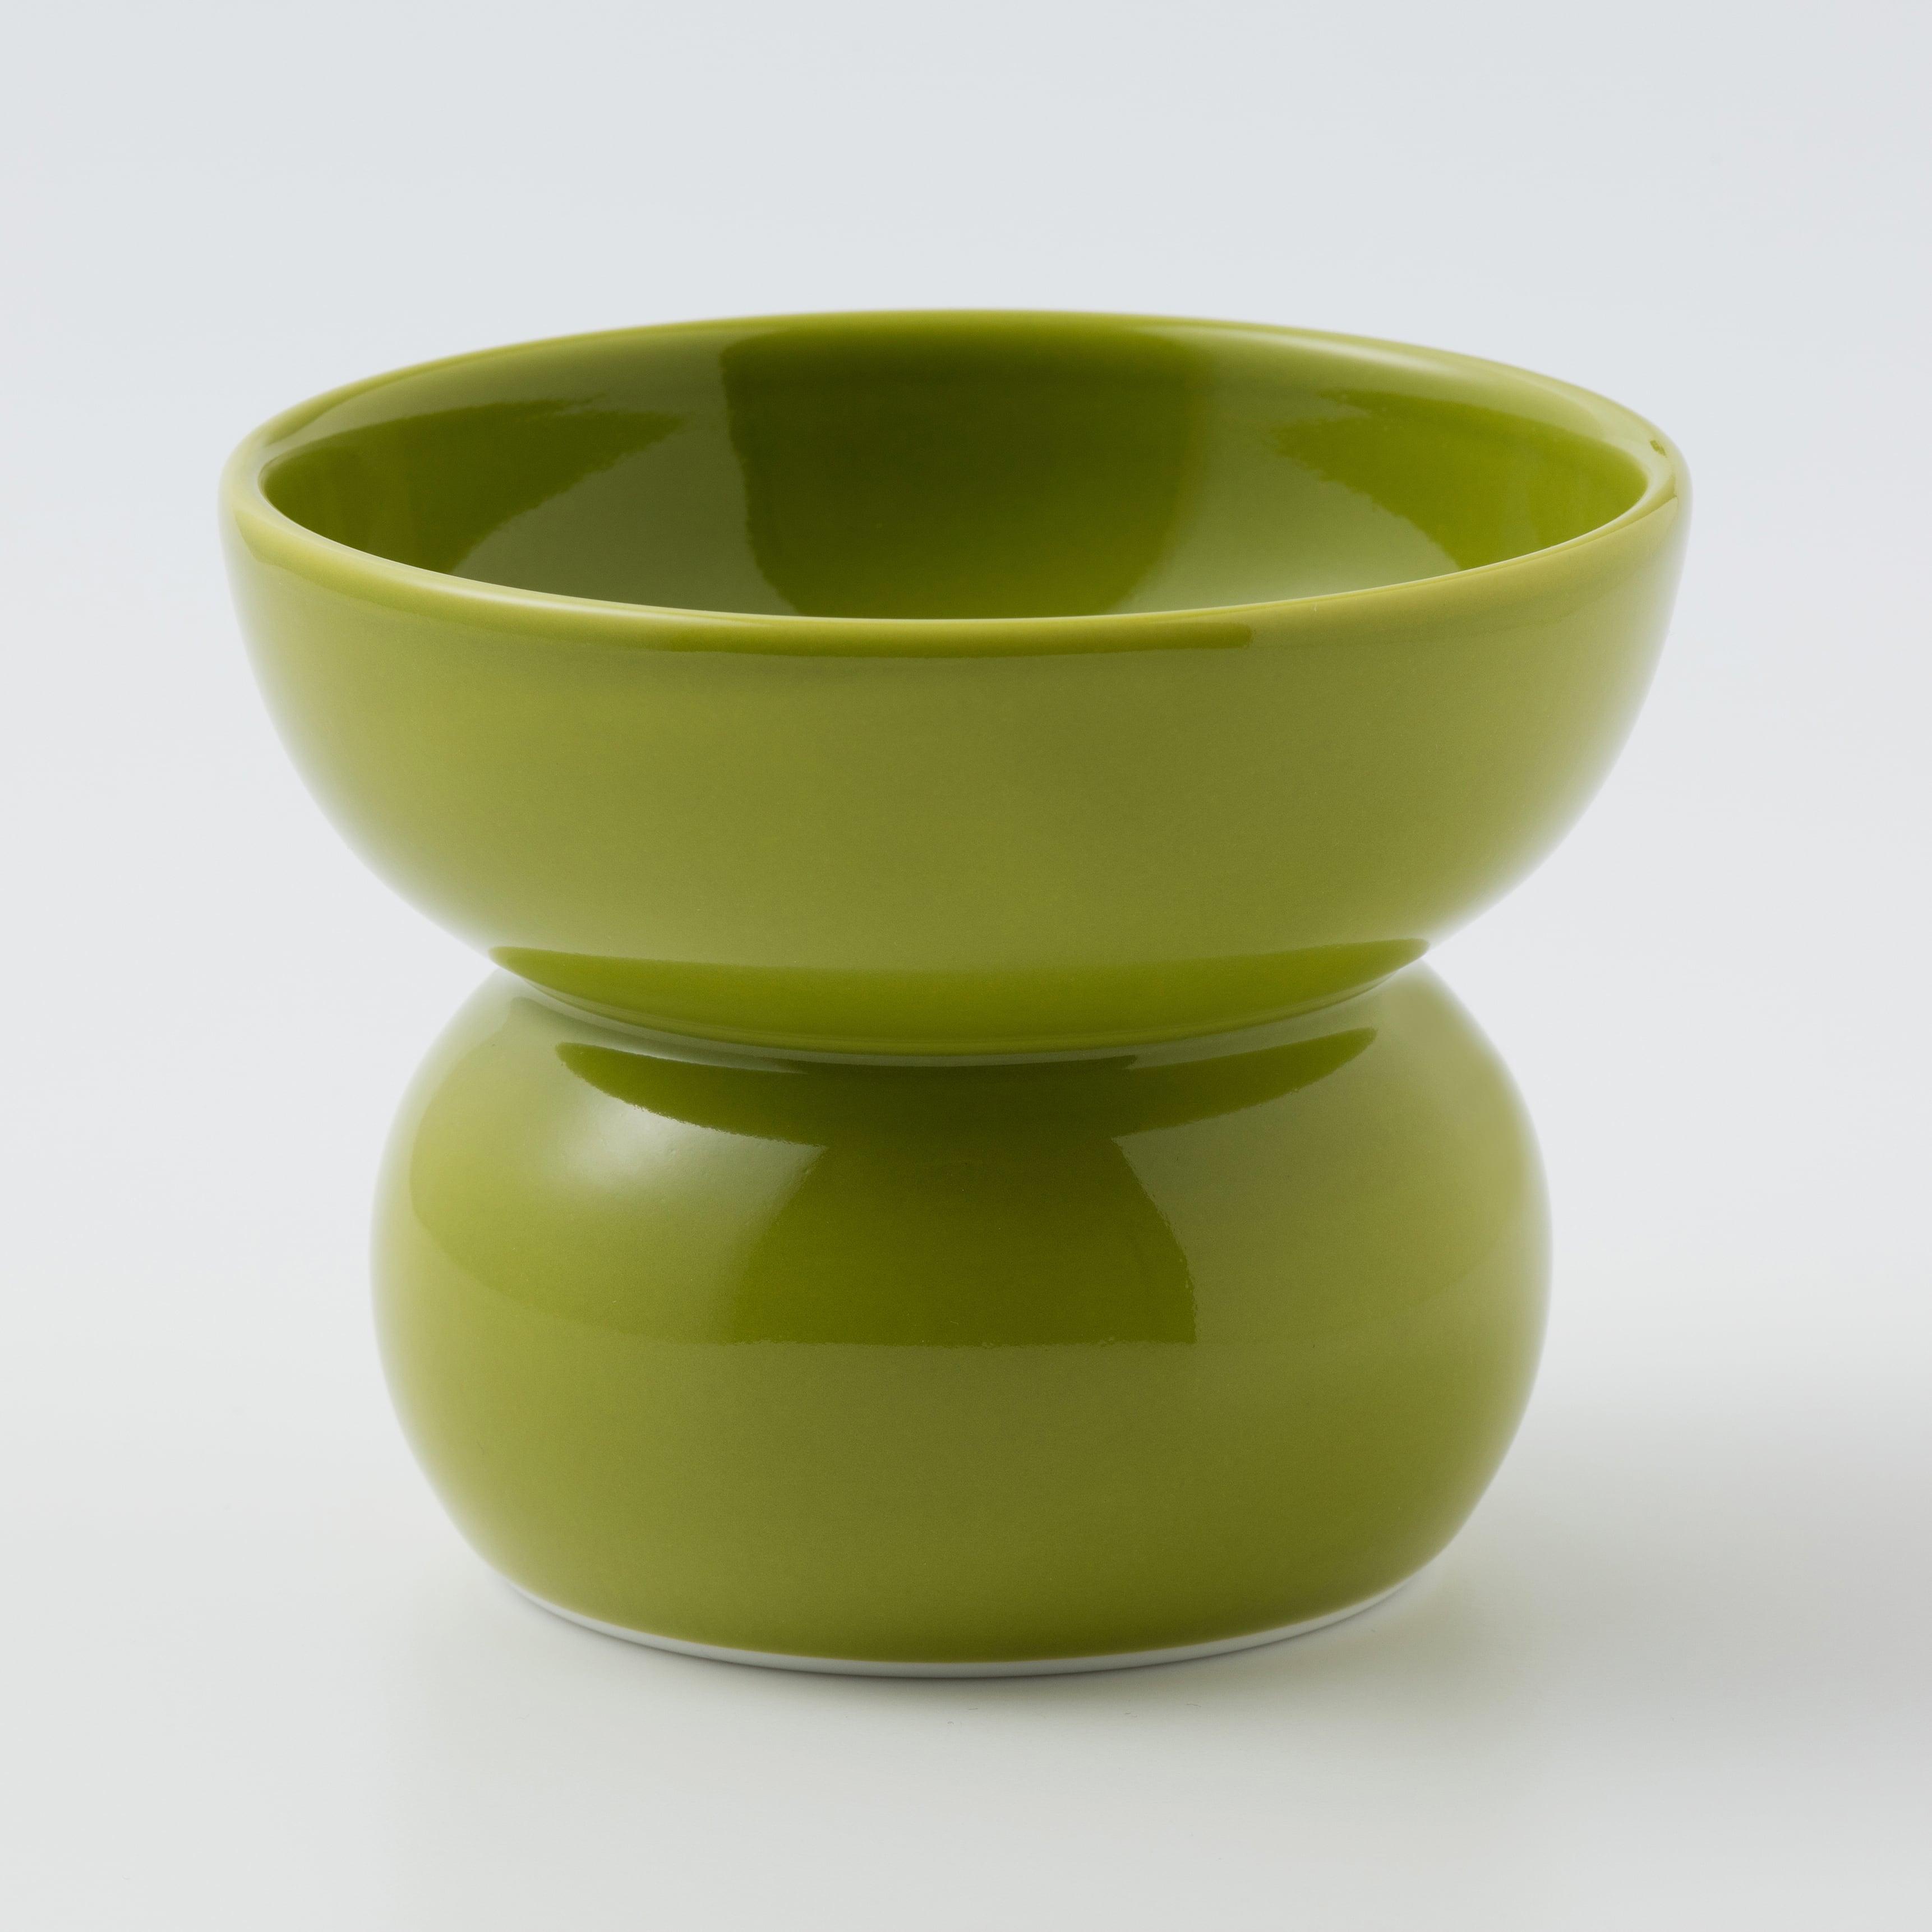 有田焼【まどか】ハイタイプ(フード用) 翠(みどり) 製造:アリタポーセリンラボ